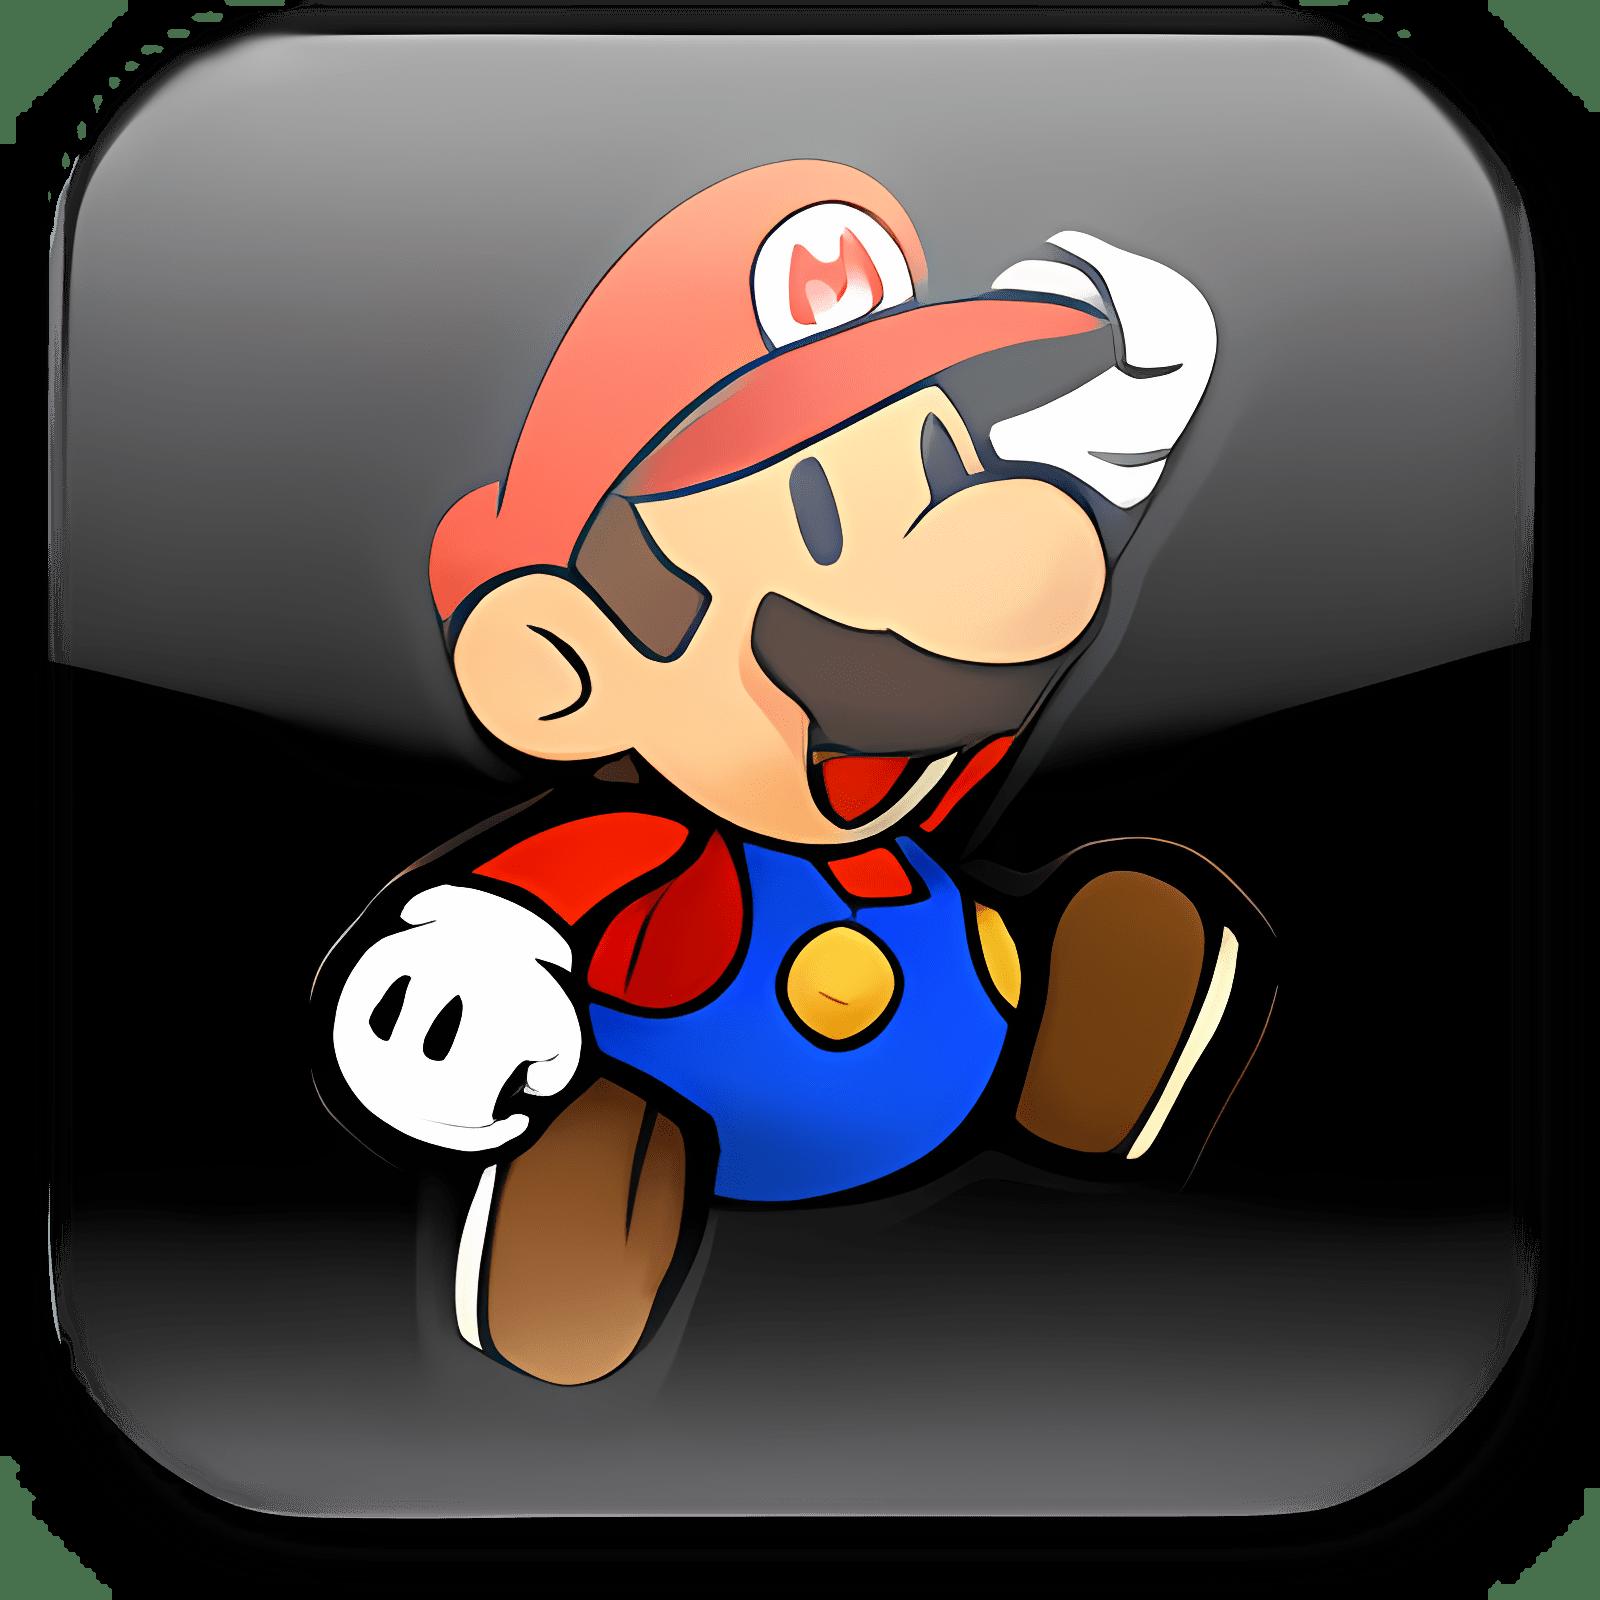 Mario Soundboard 1.8.1